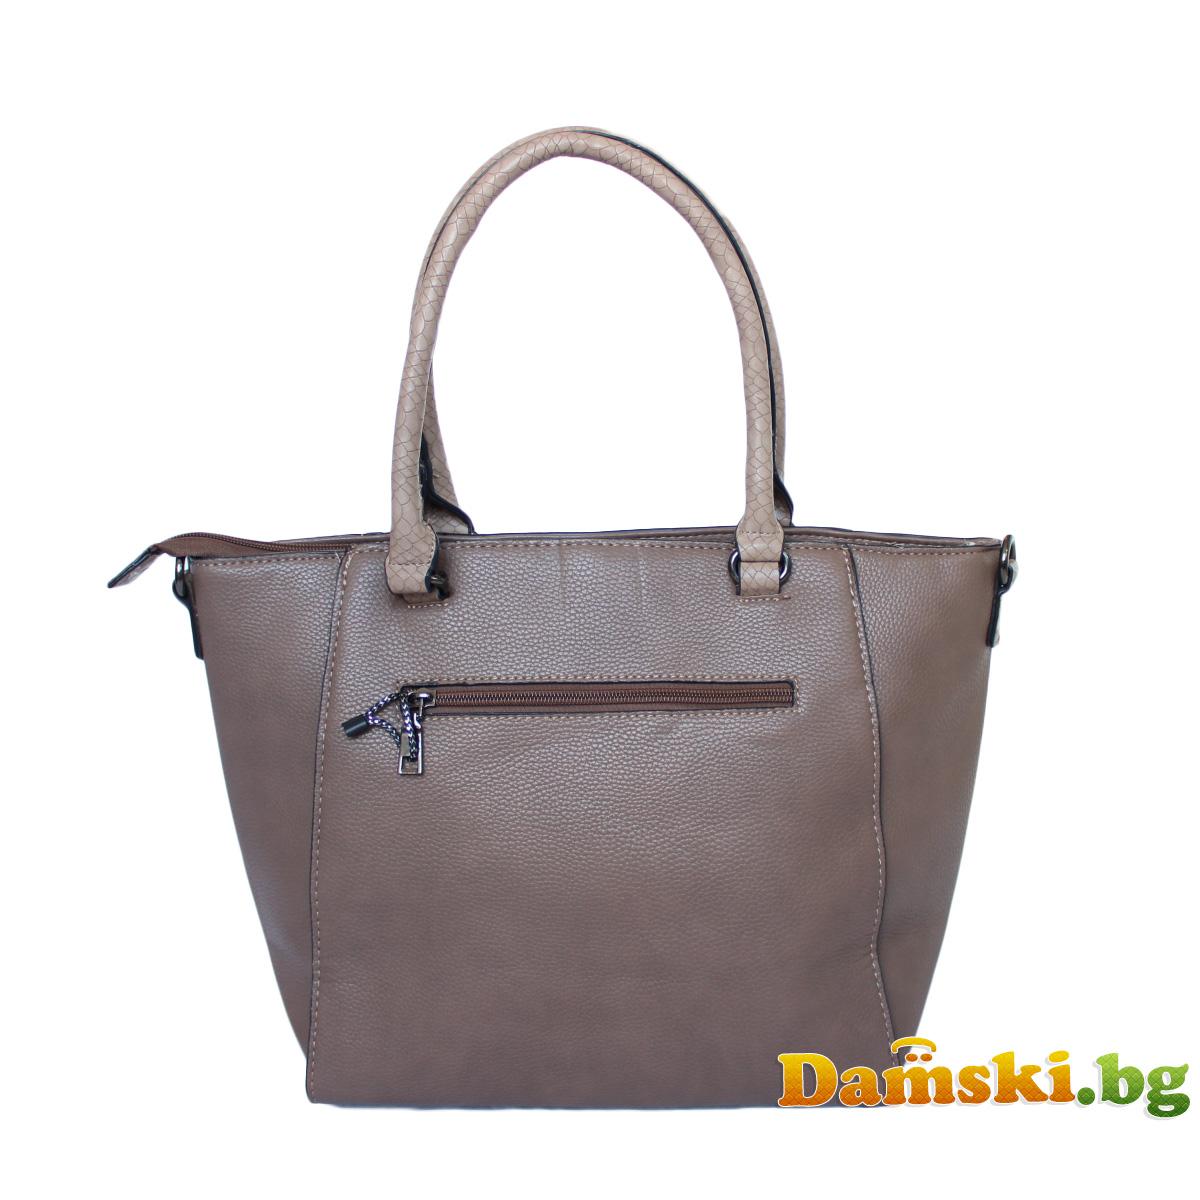 Стилна дамска чанта Люси - кафява Снимка 2 от 3